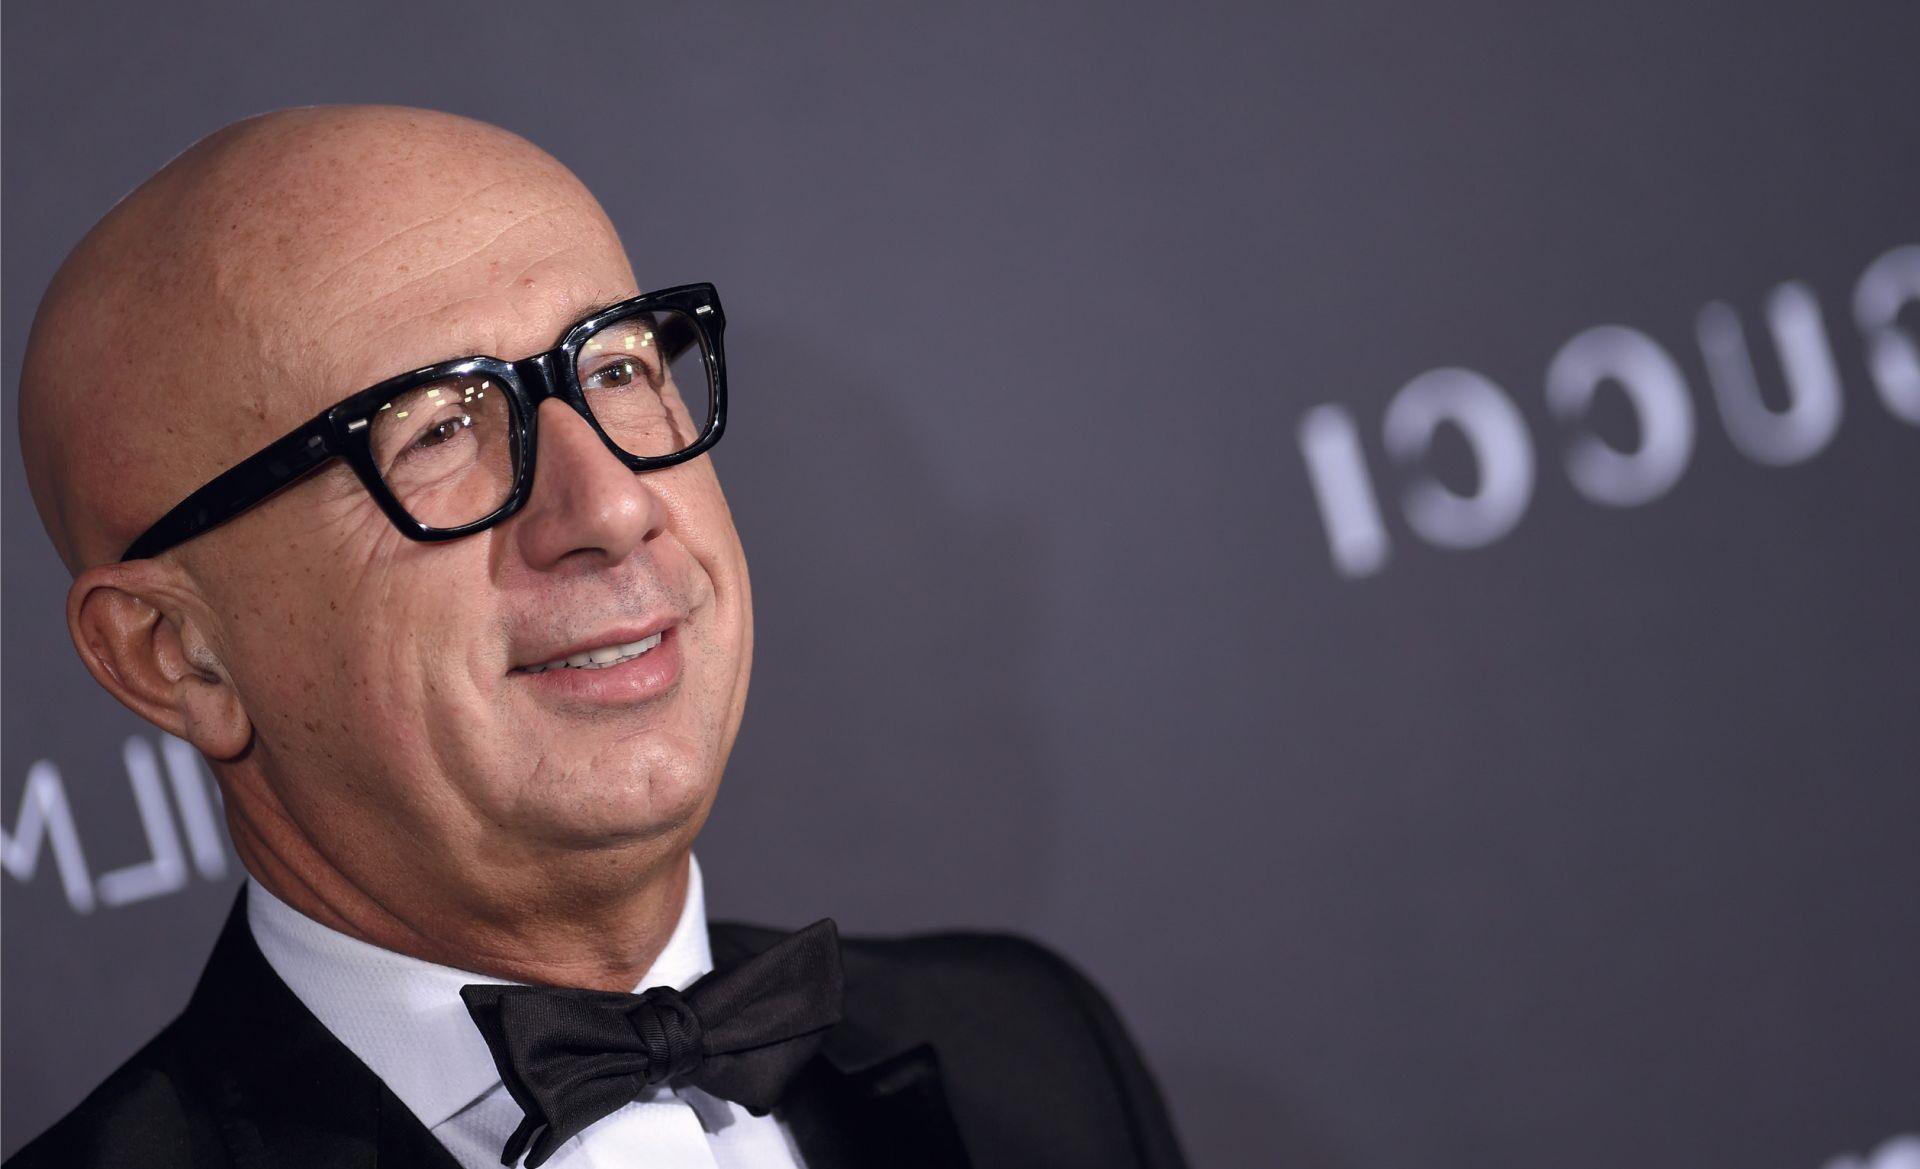 Kako je Bizzarri poreznom prevarom 'uskrsnuo' Gucci